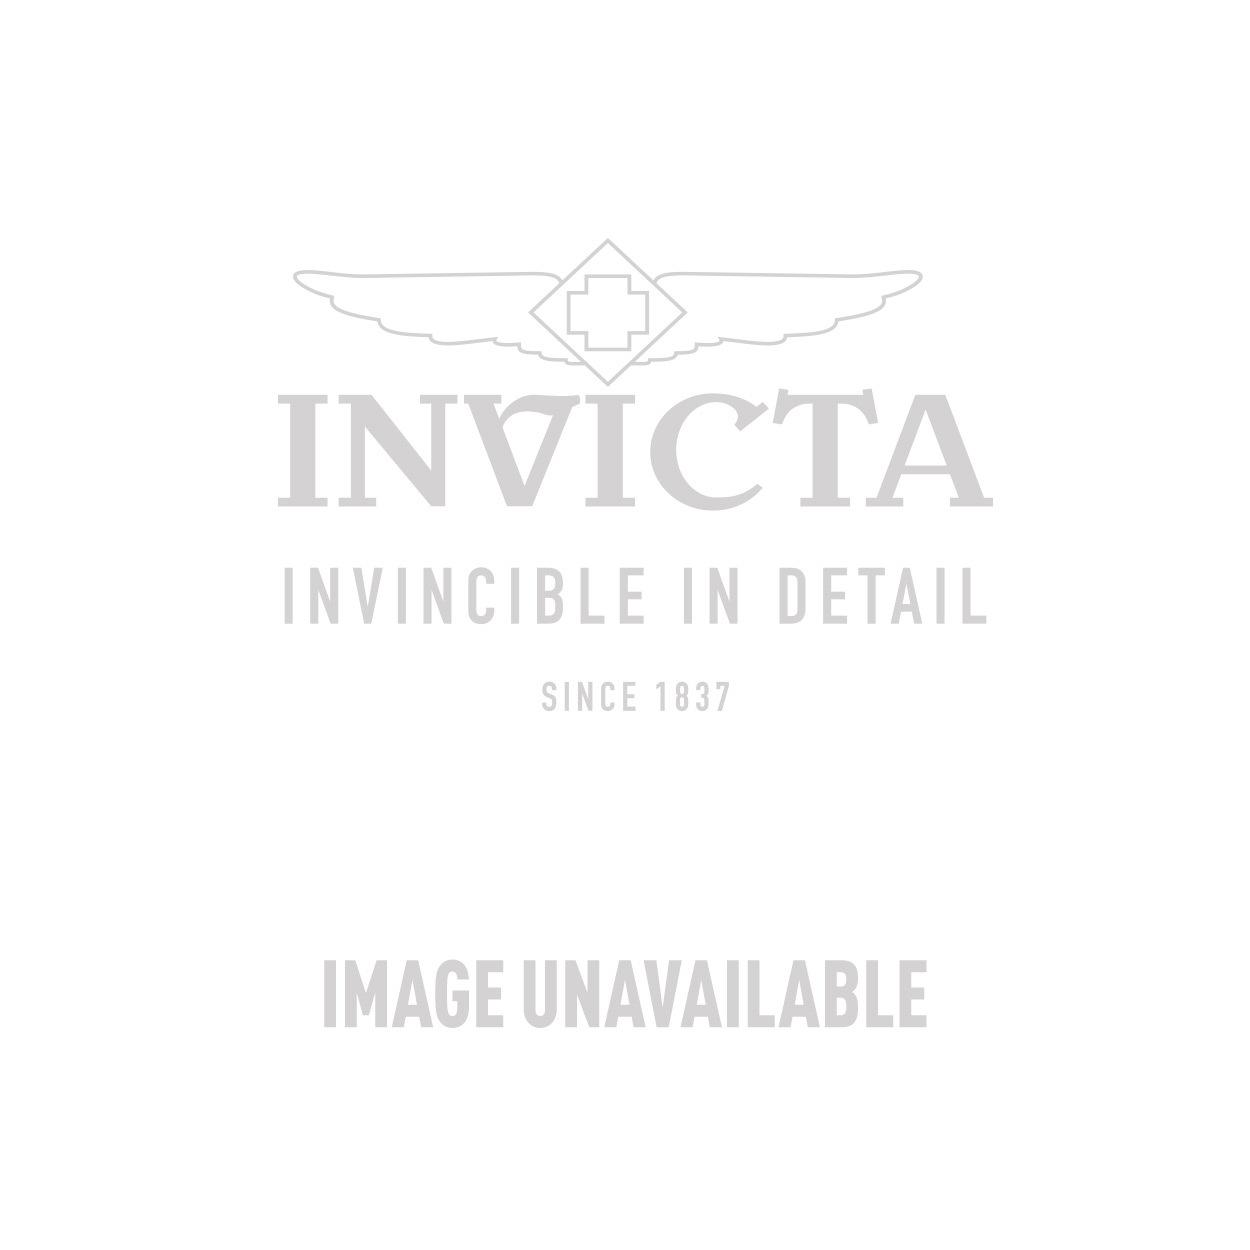 Invicta Model 28550